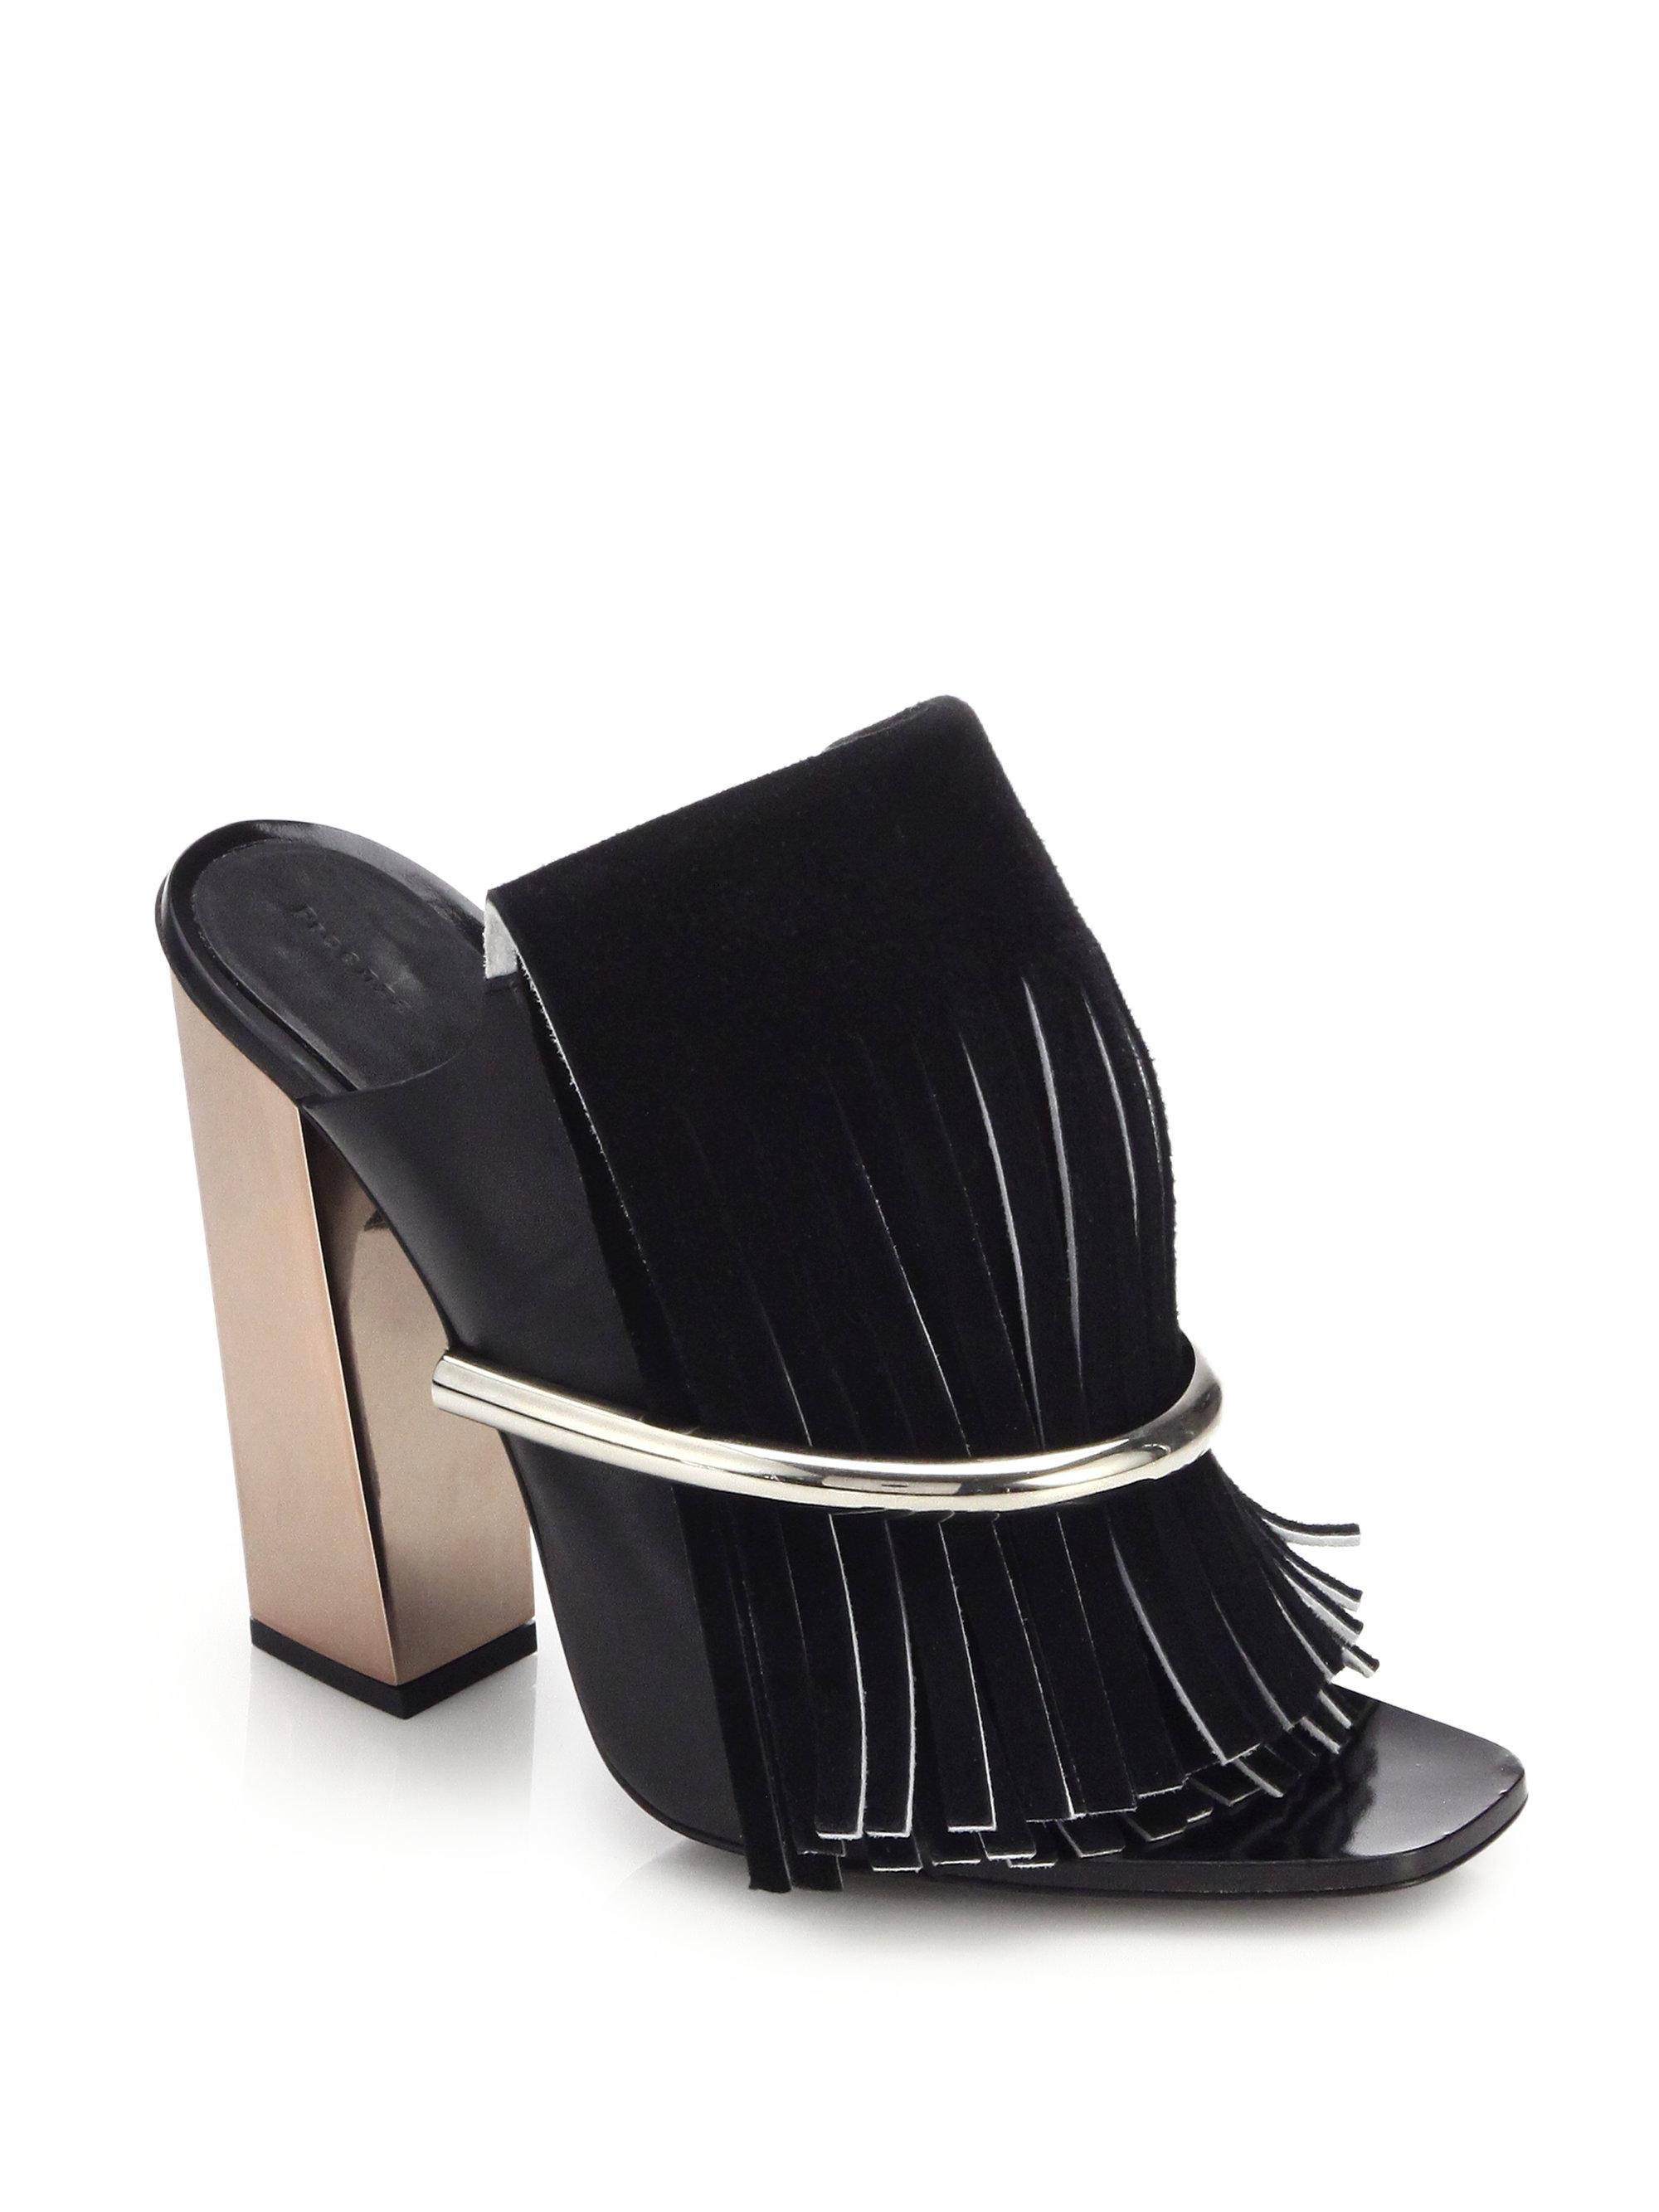 Proenza Schouler Suede Sandals